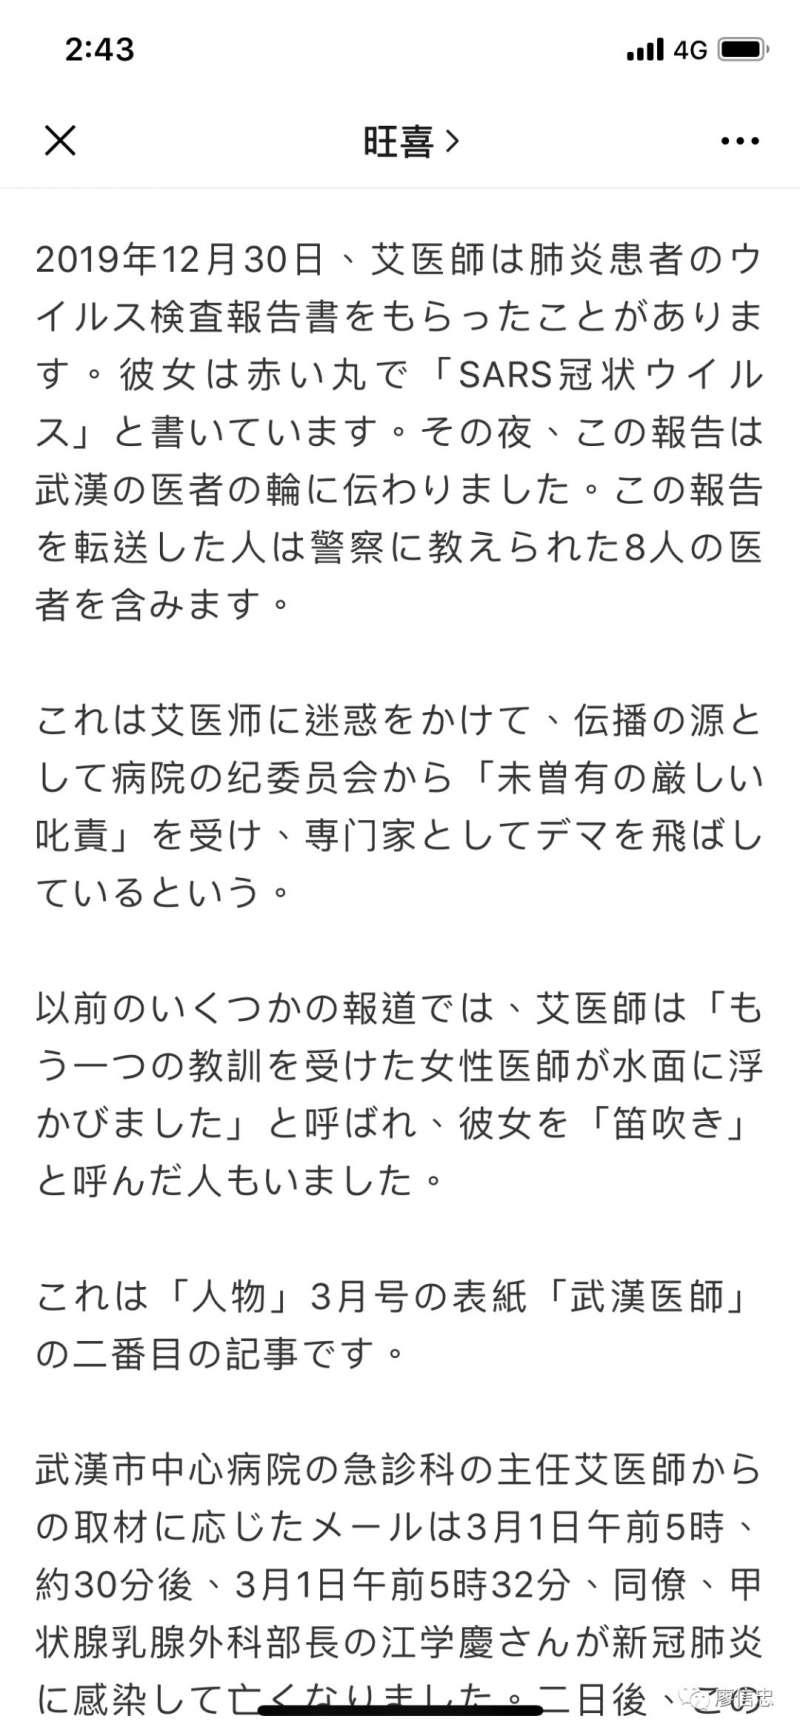 8(圖/微信公眾號廖忠信)